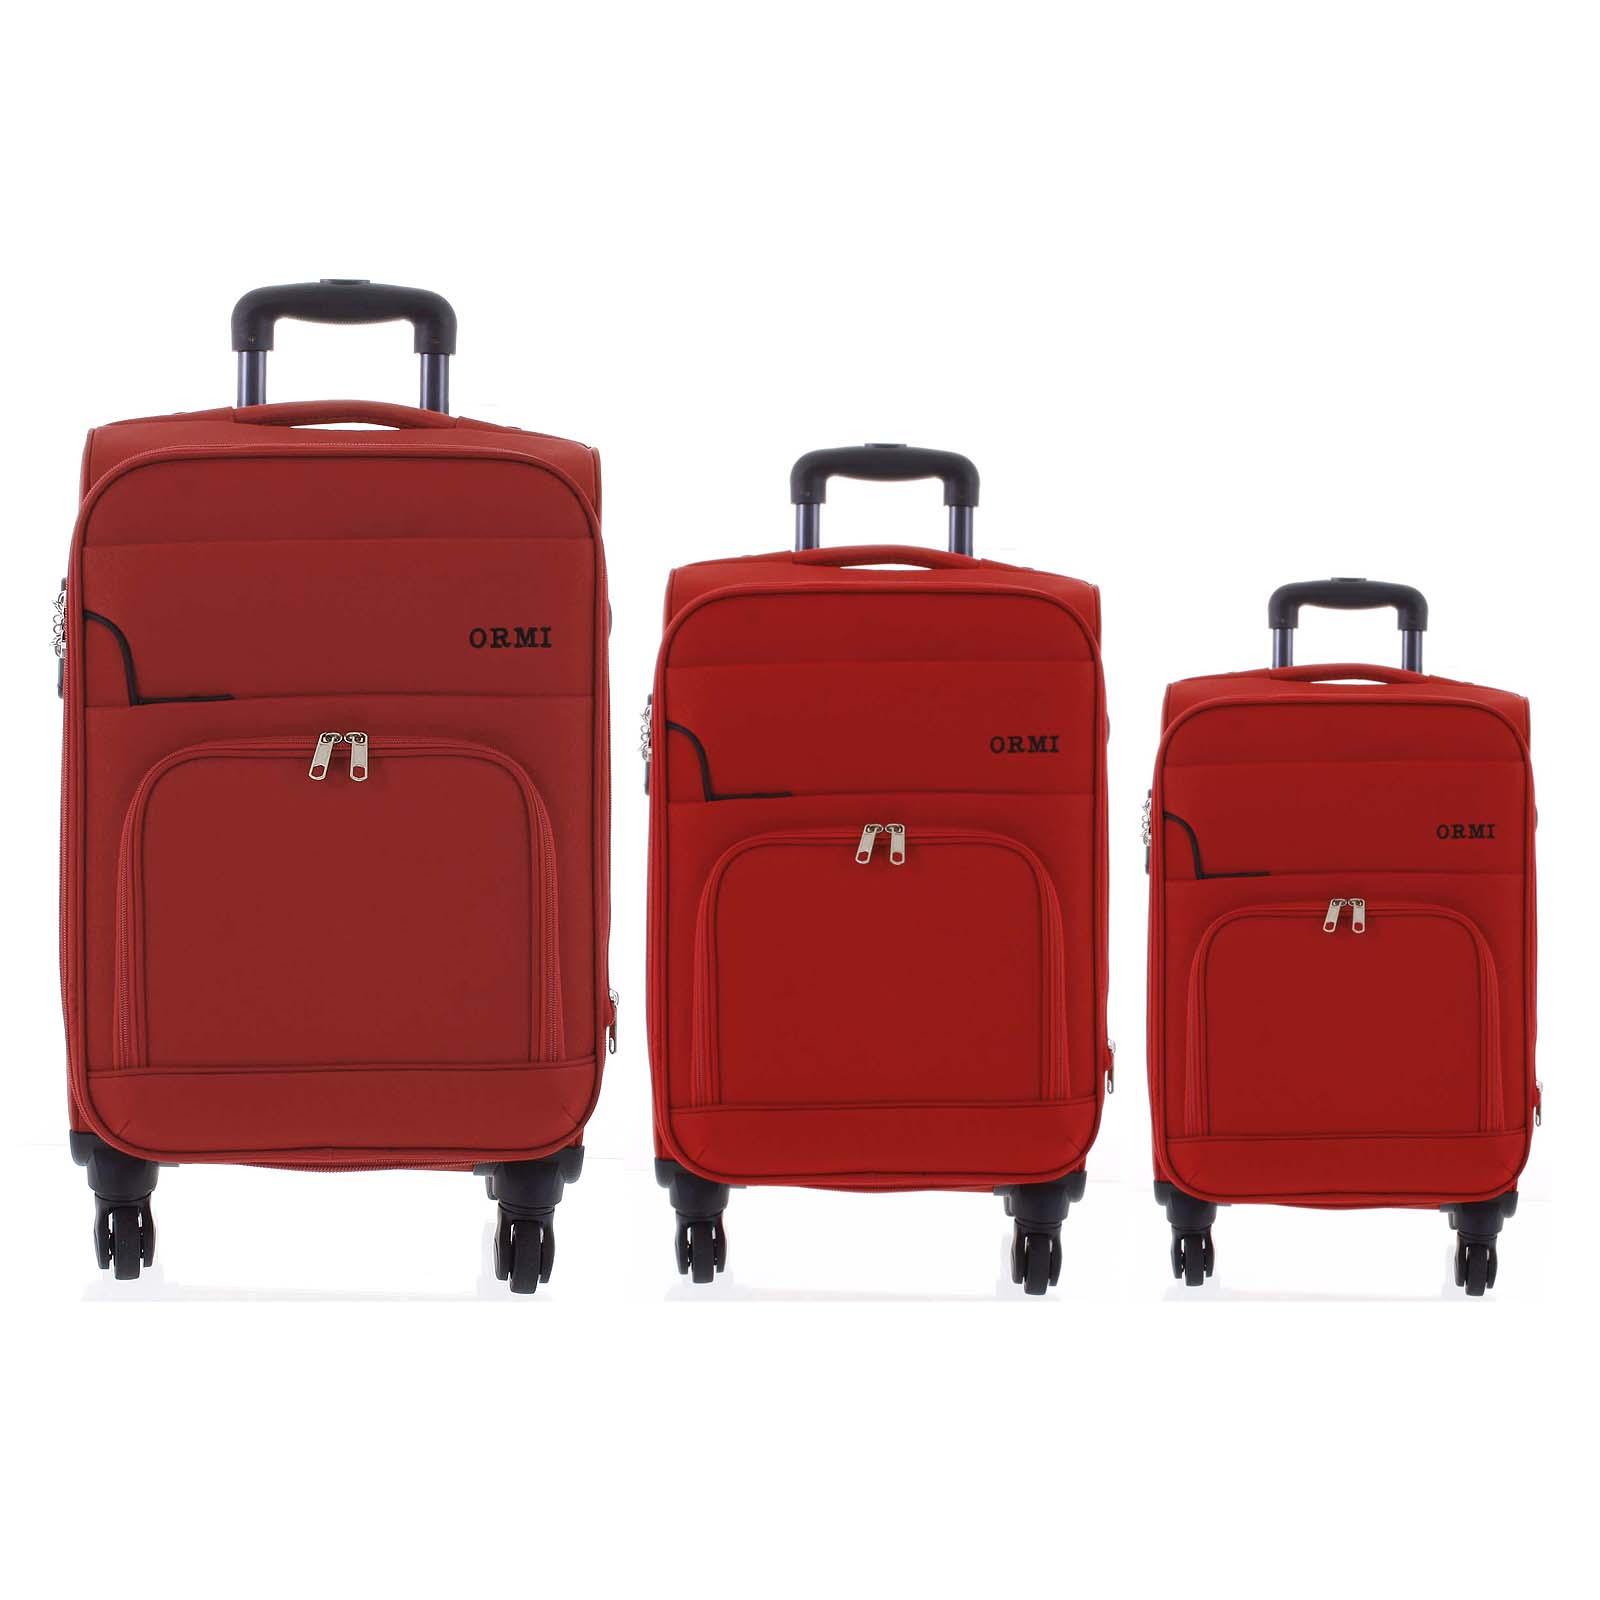 Cestovní látkový červený kufr sada - Ormi Nitire S, M, L